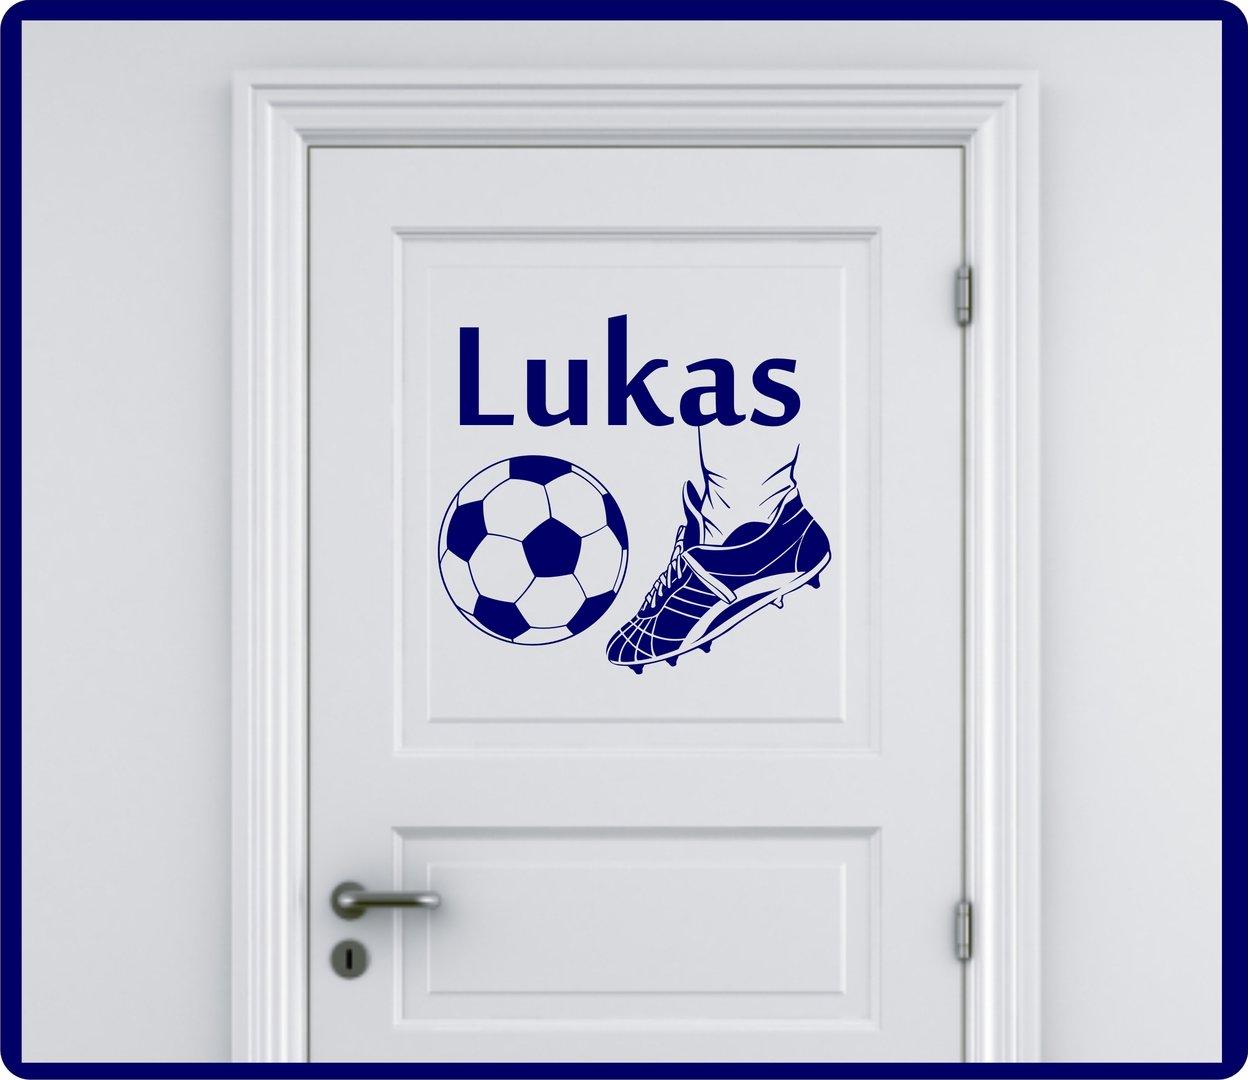 Brilliant Wandtattoo Fußball Foto Von Fussball Mit Name- Farbwahl